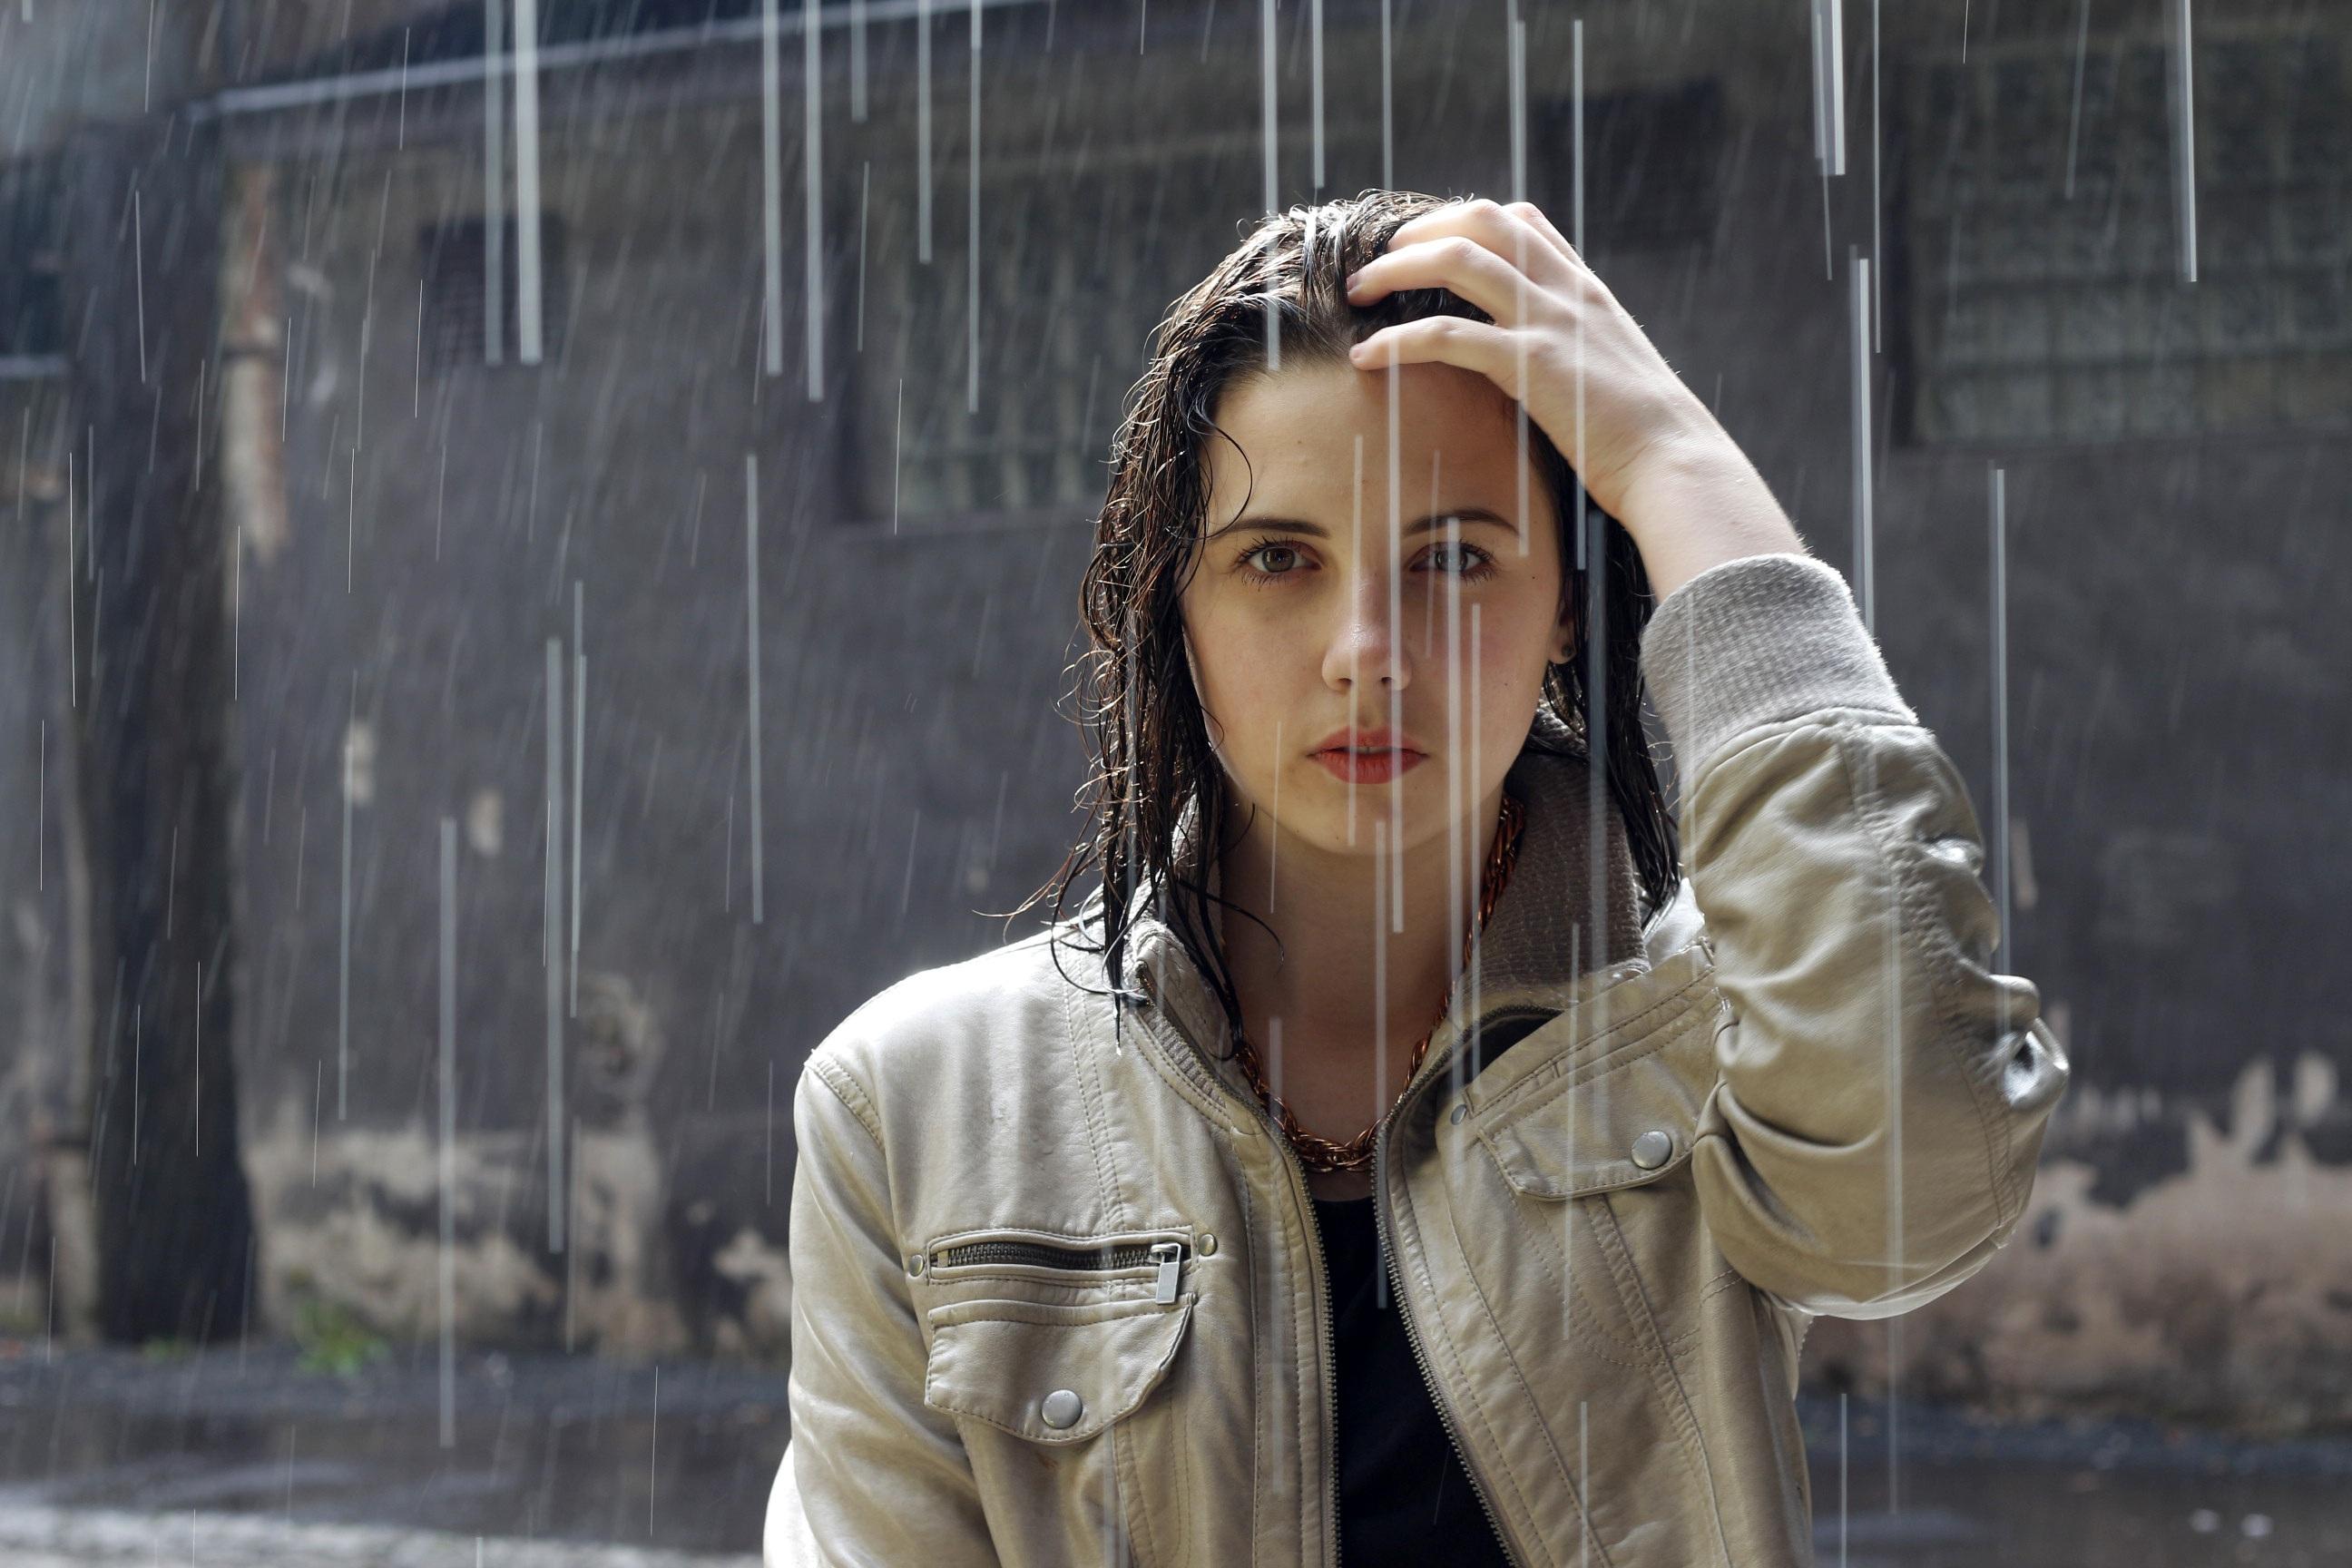 hair care tips, monsoon hair care tips